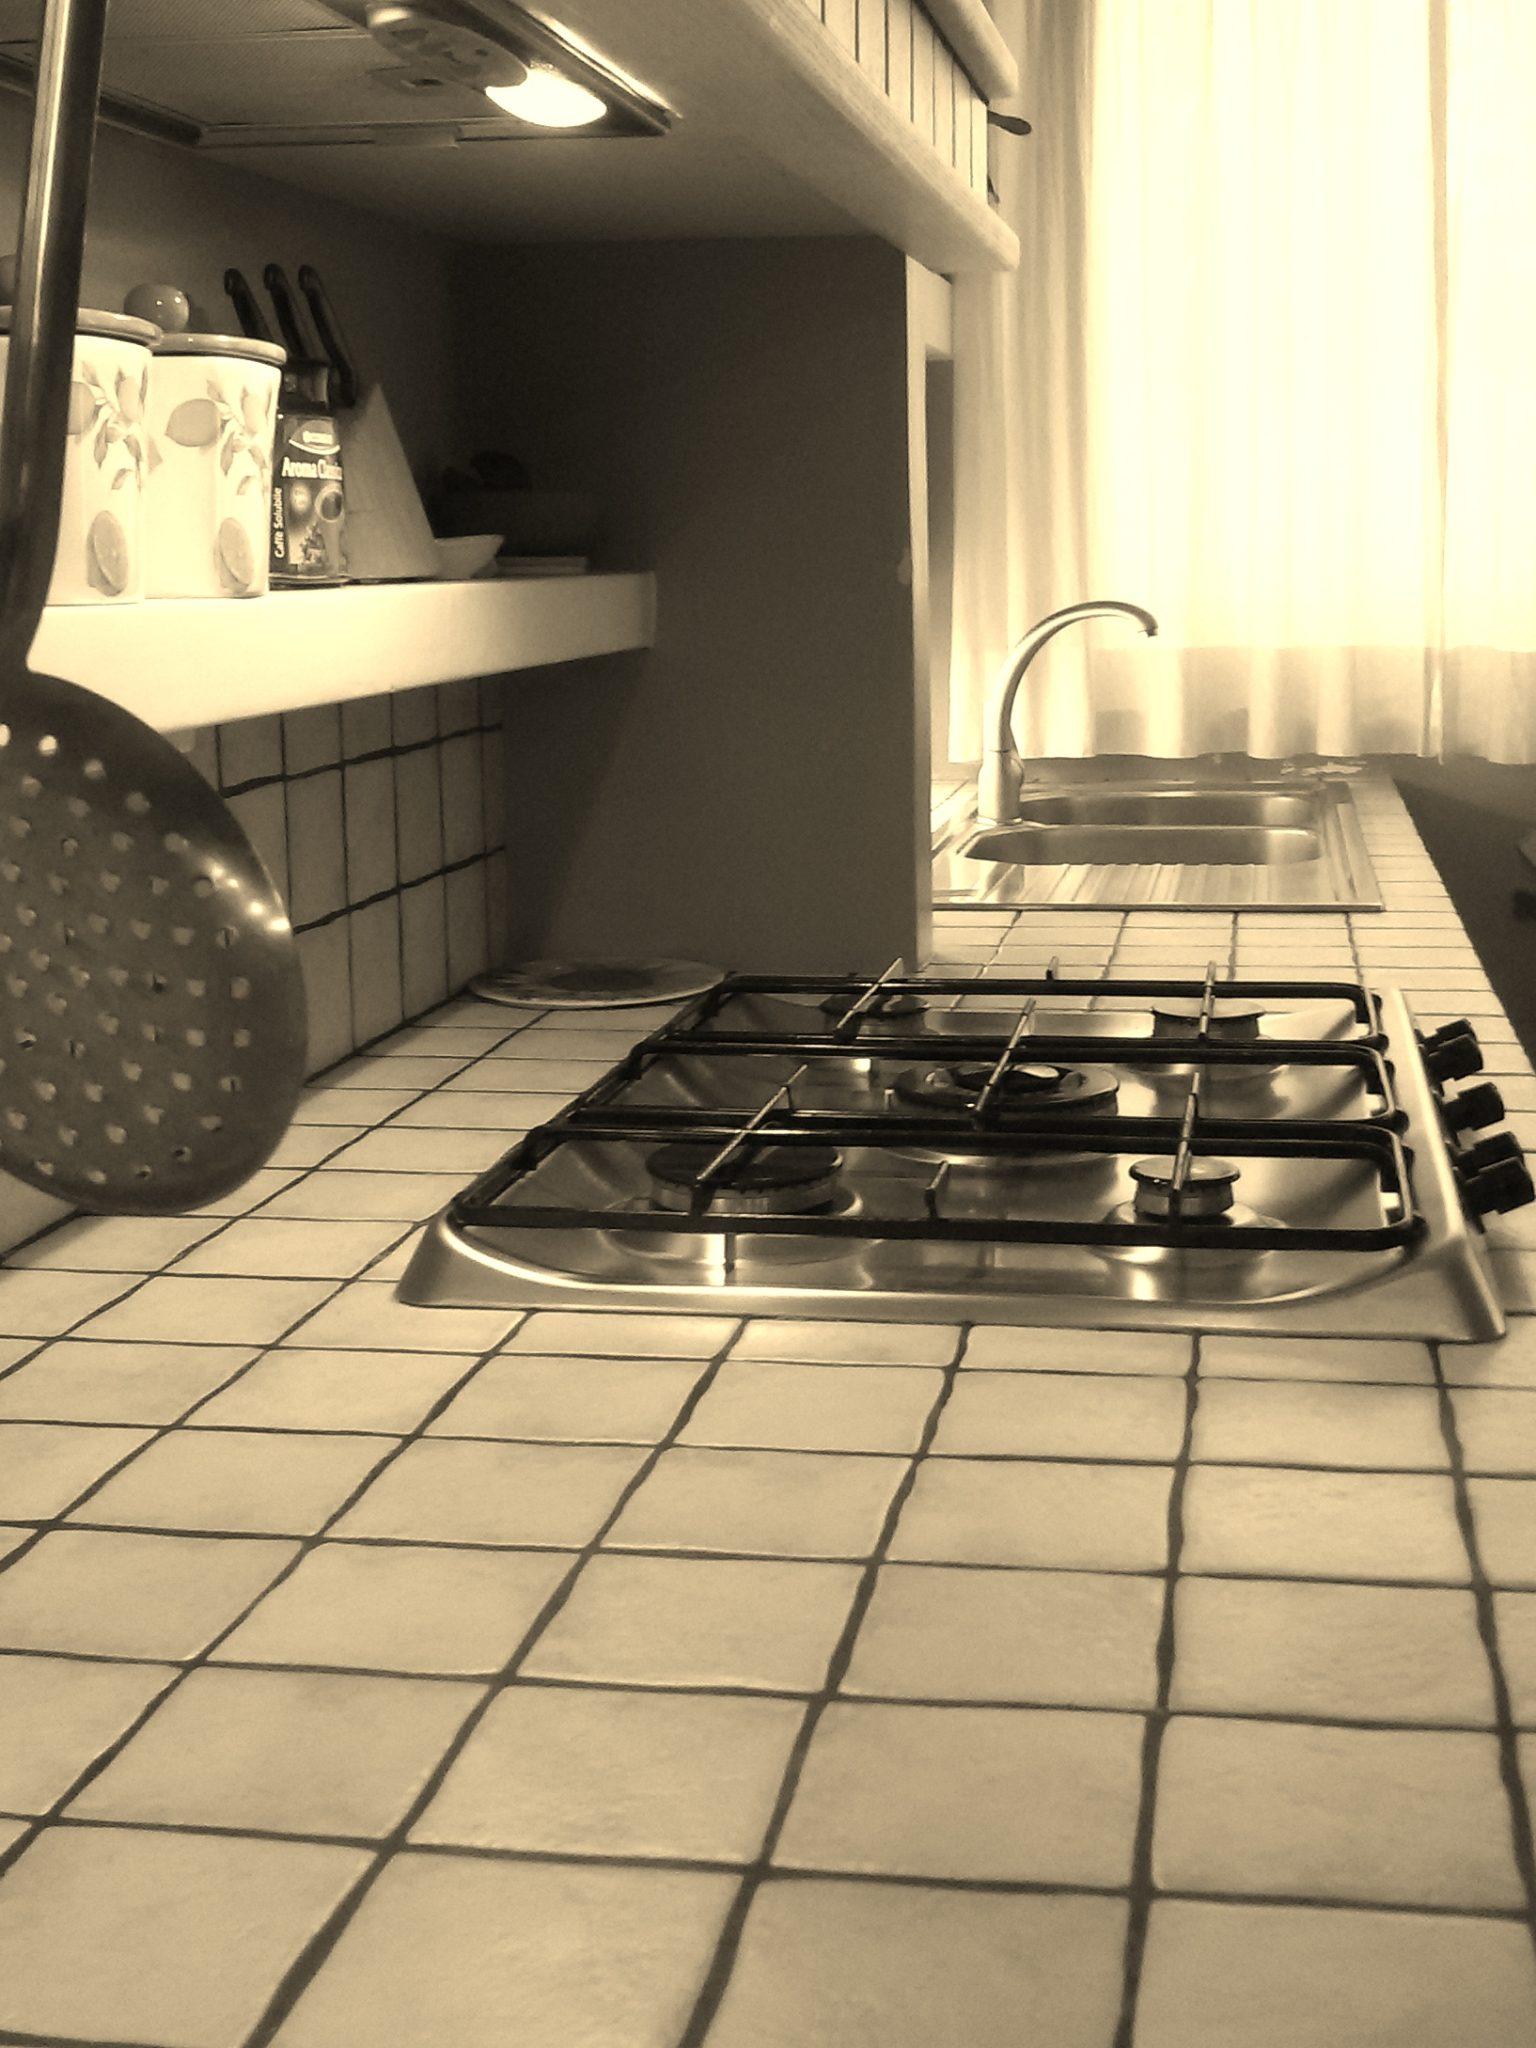 Quale top per la cucina? Il piano piastrellato - lineatre - kucita ...